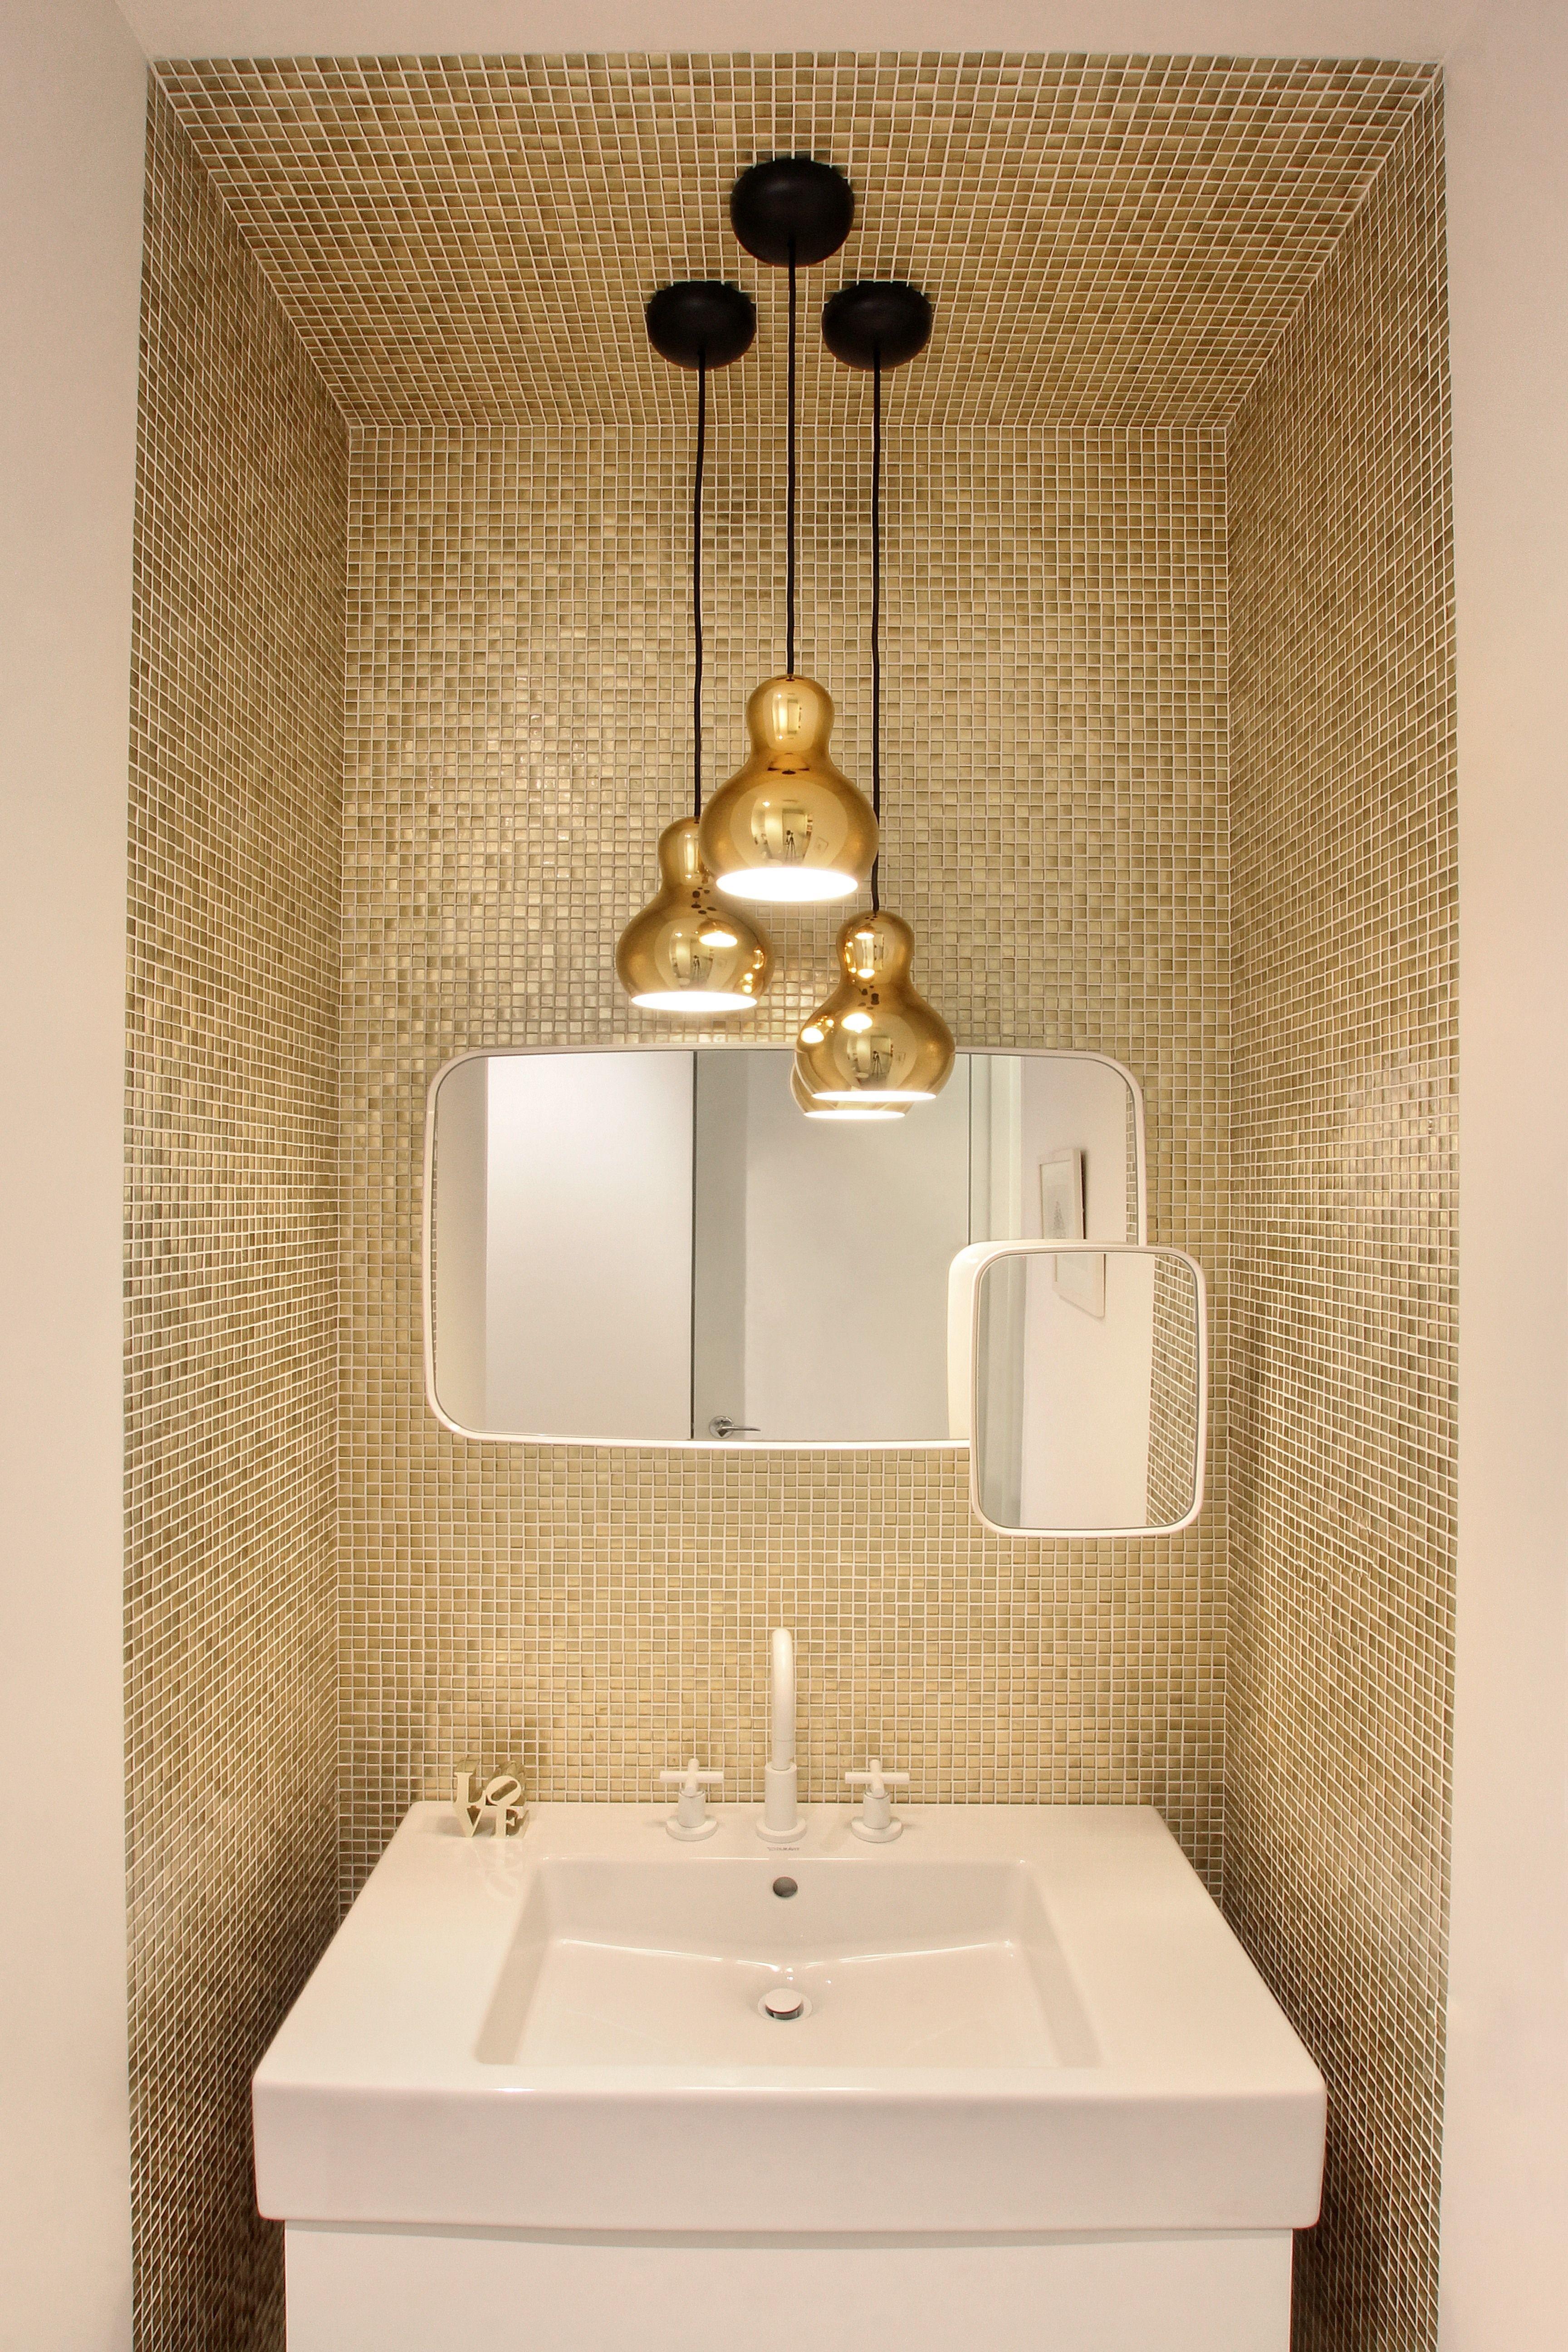 Piastrelle bagno mosaico oro collezione handmade rivestimenti